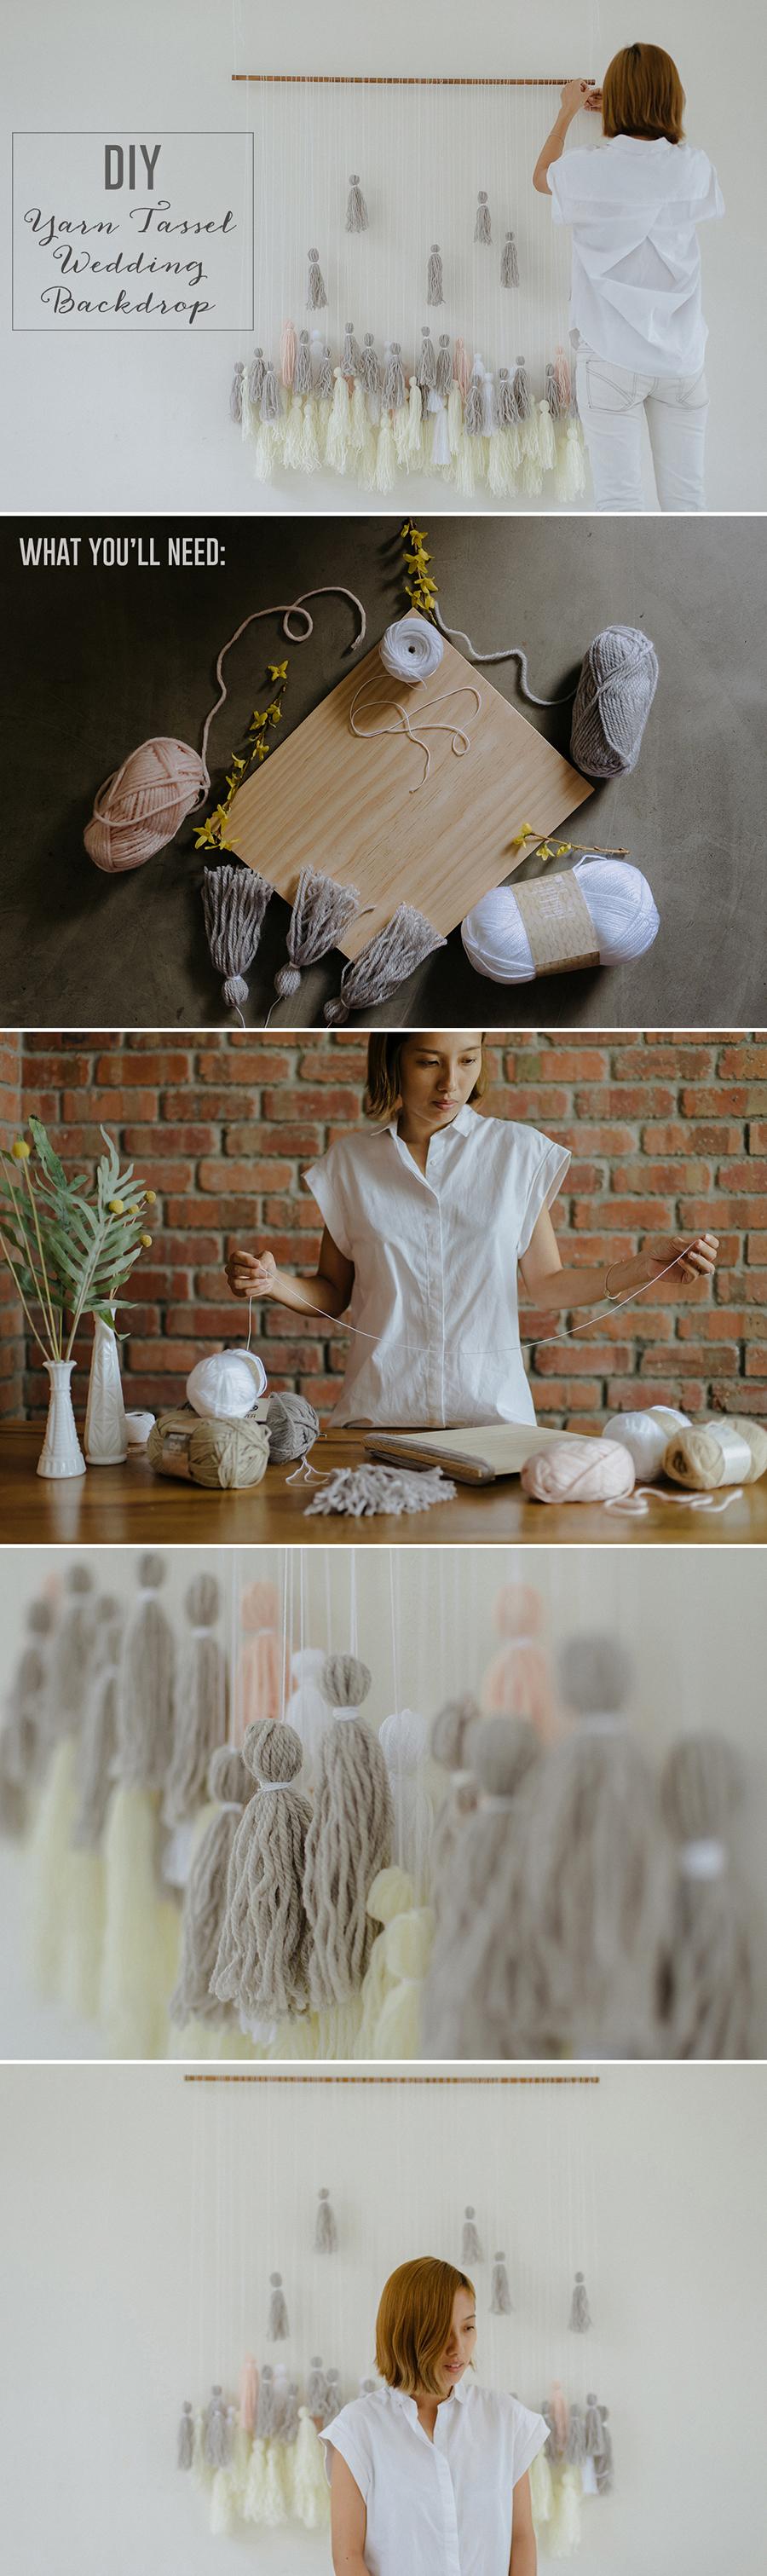 22-DIY-Yarn-Tassle-Wedding-Backdrop